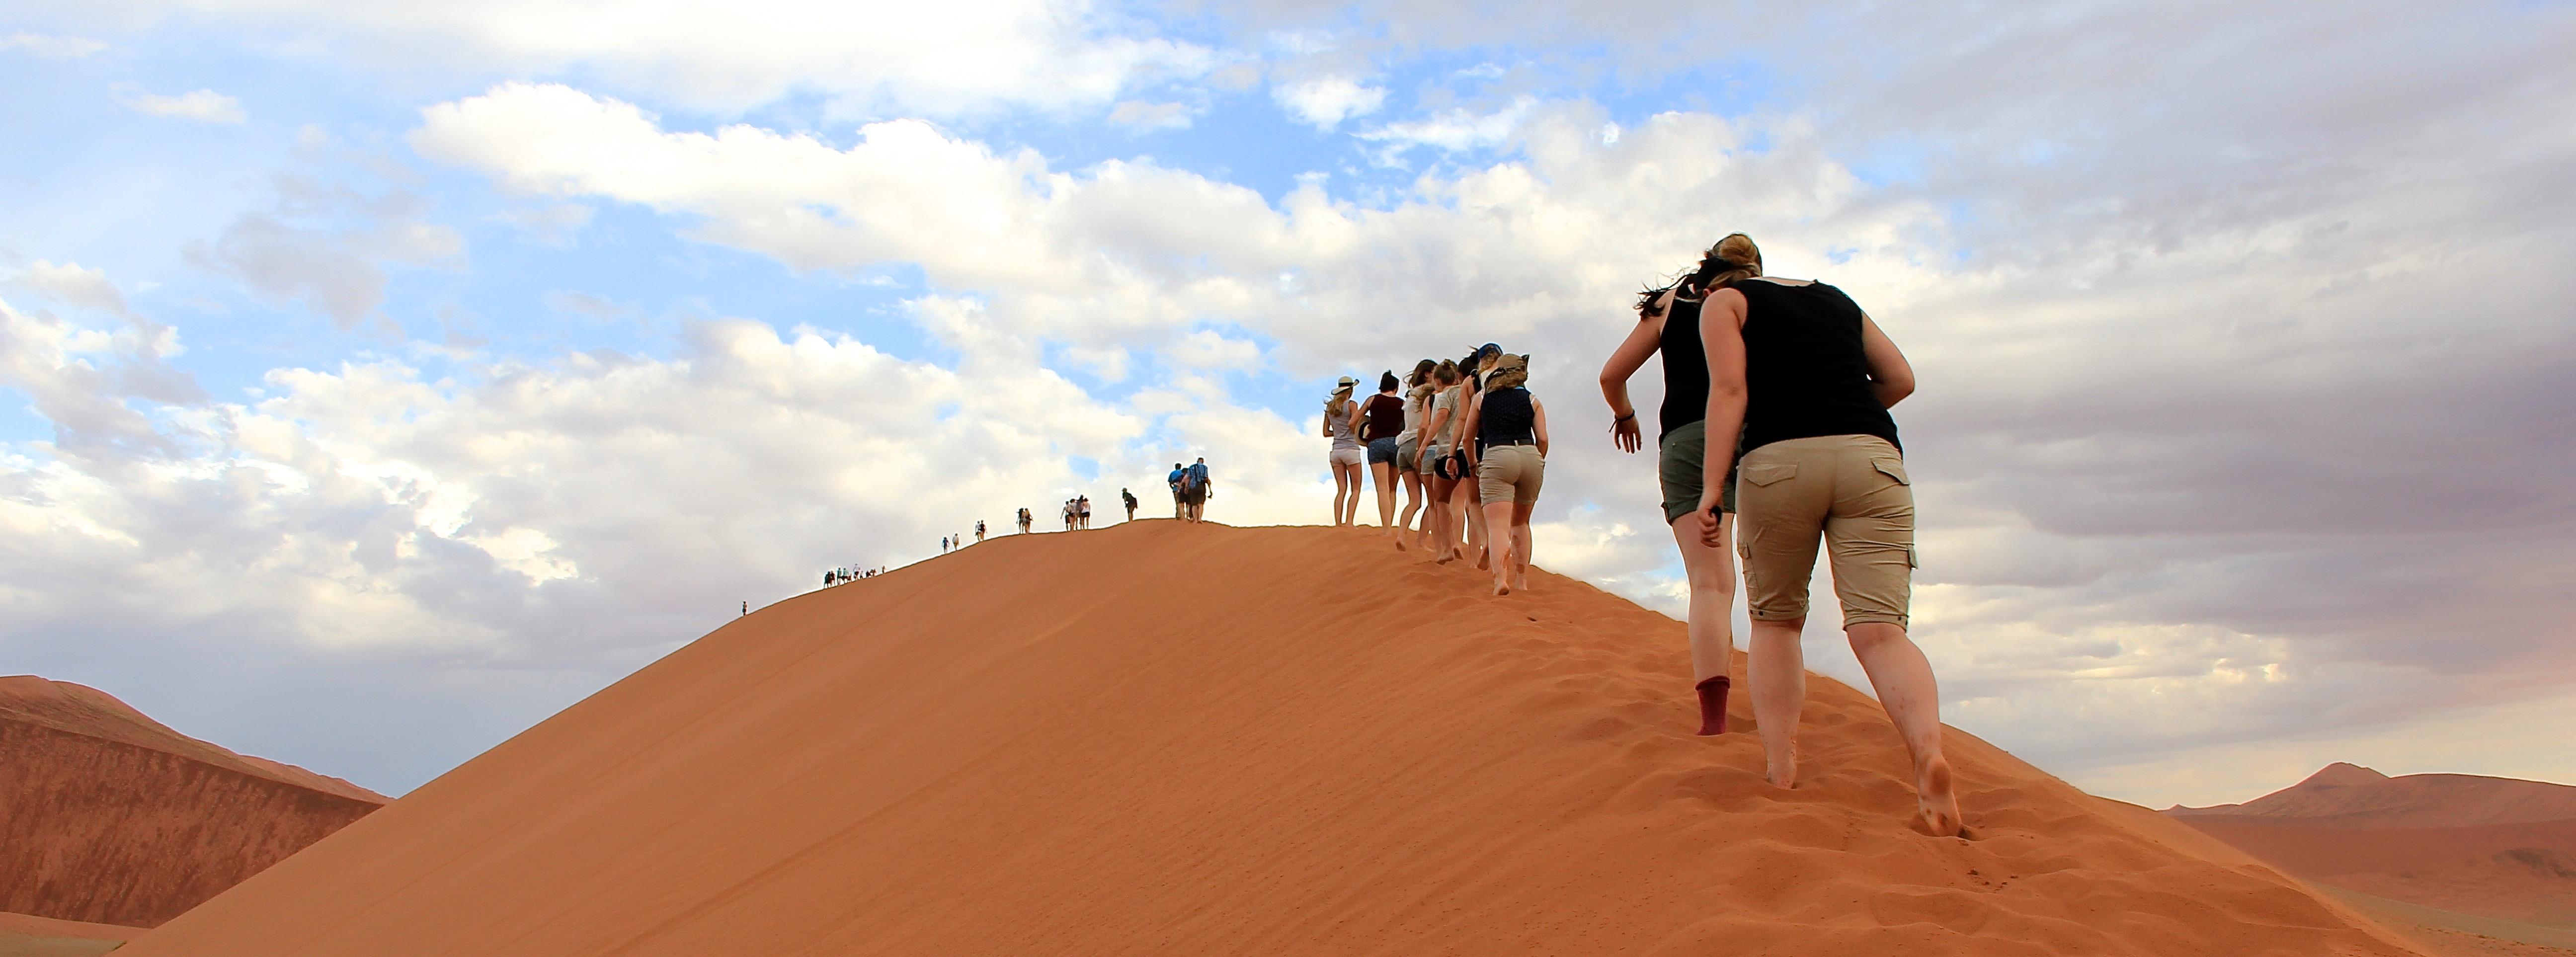 Namib Wüste - Namibia 2104